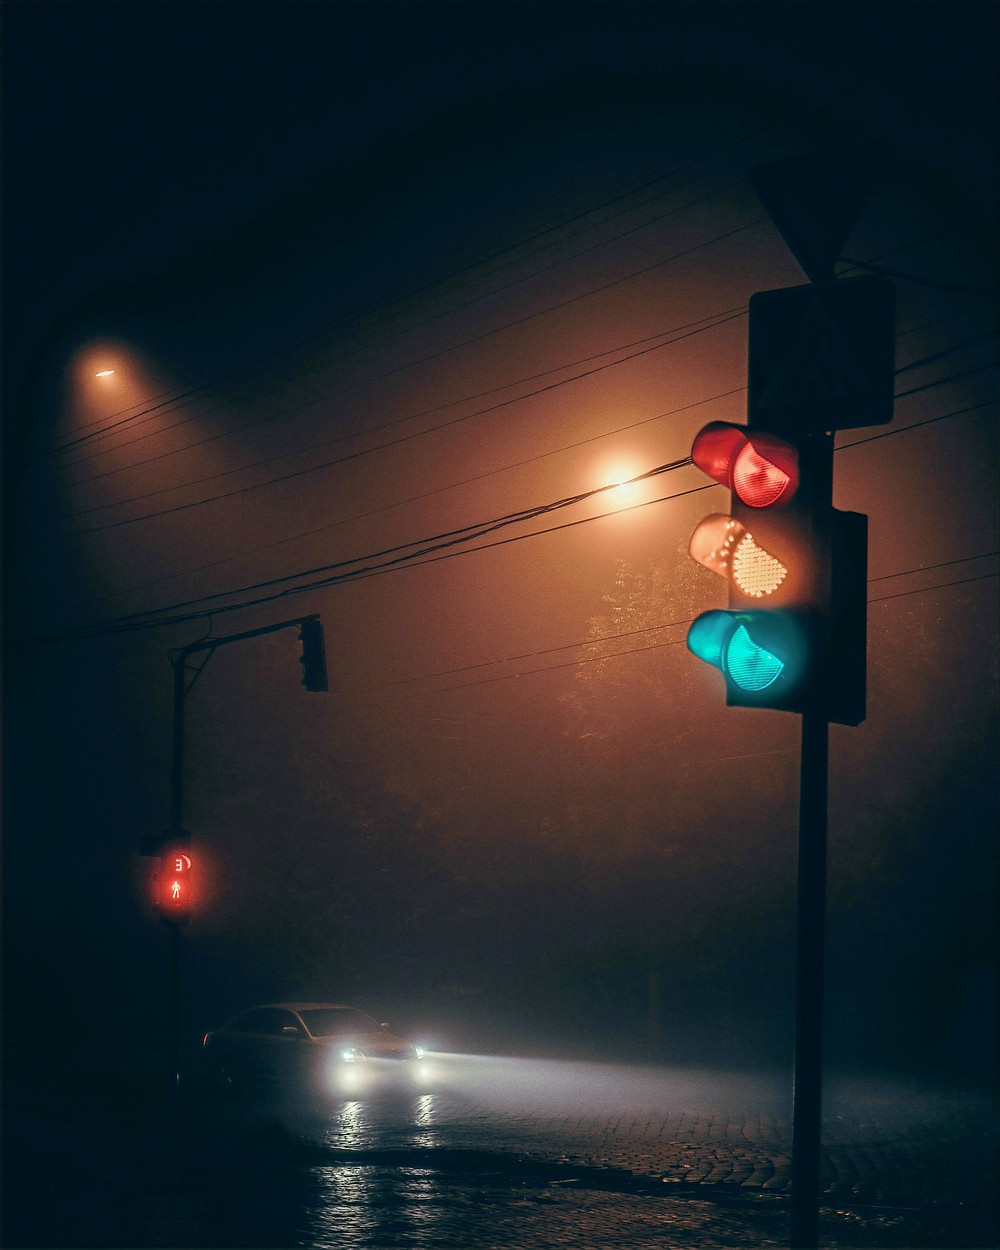 Opções e escolhas. Foto de Elijah O'Donnell no Pexels.